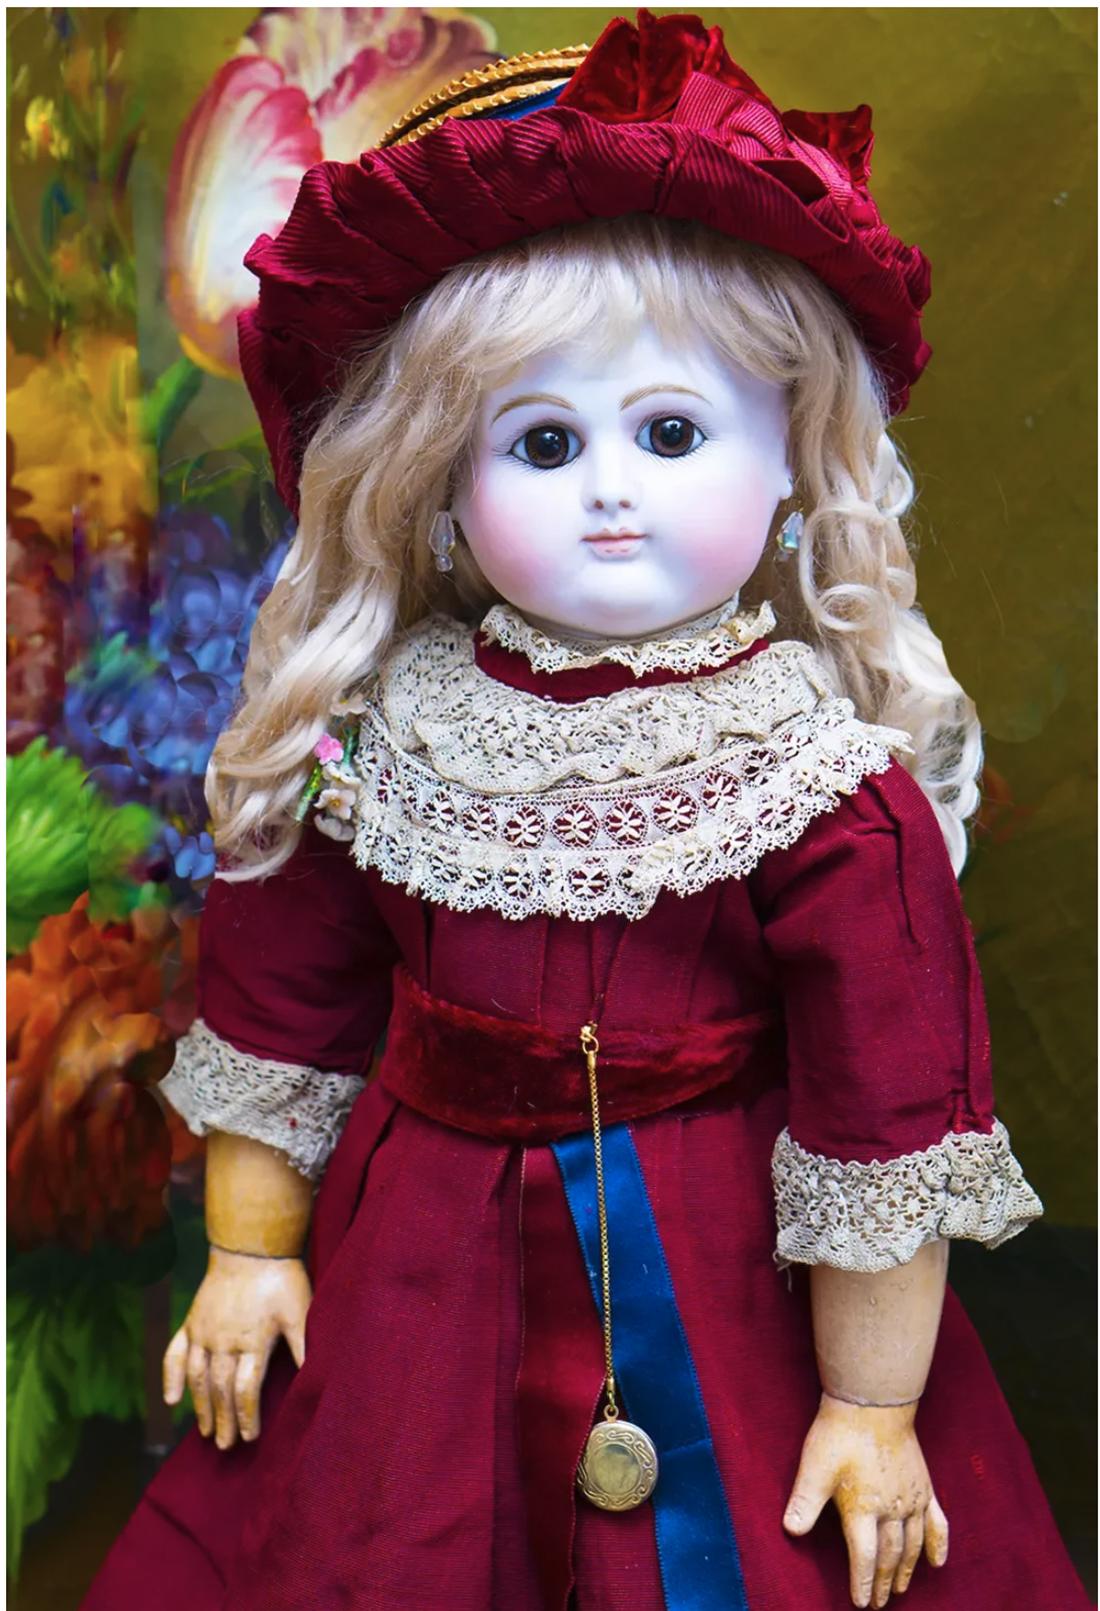 53см Pедкая французская кукла PETITE DUMOUTIER